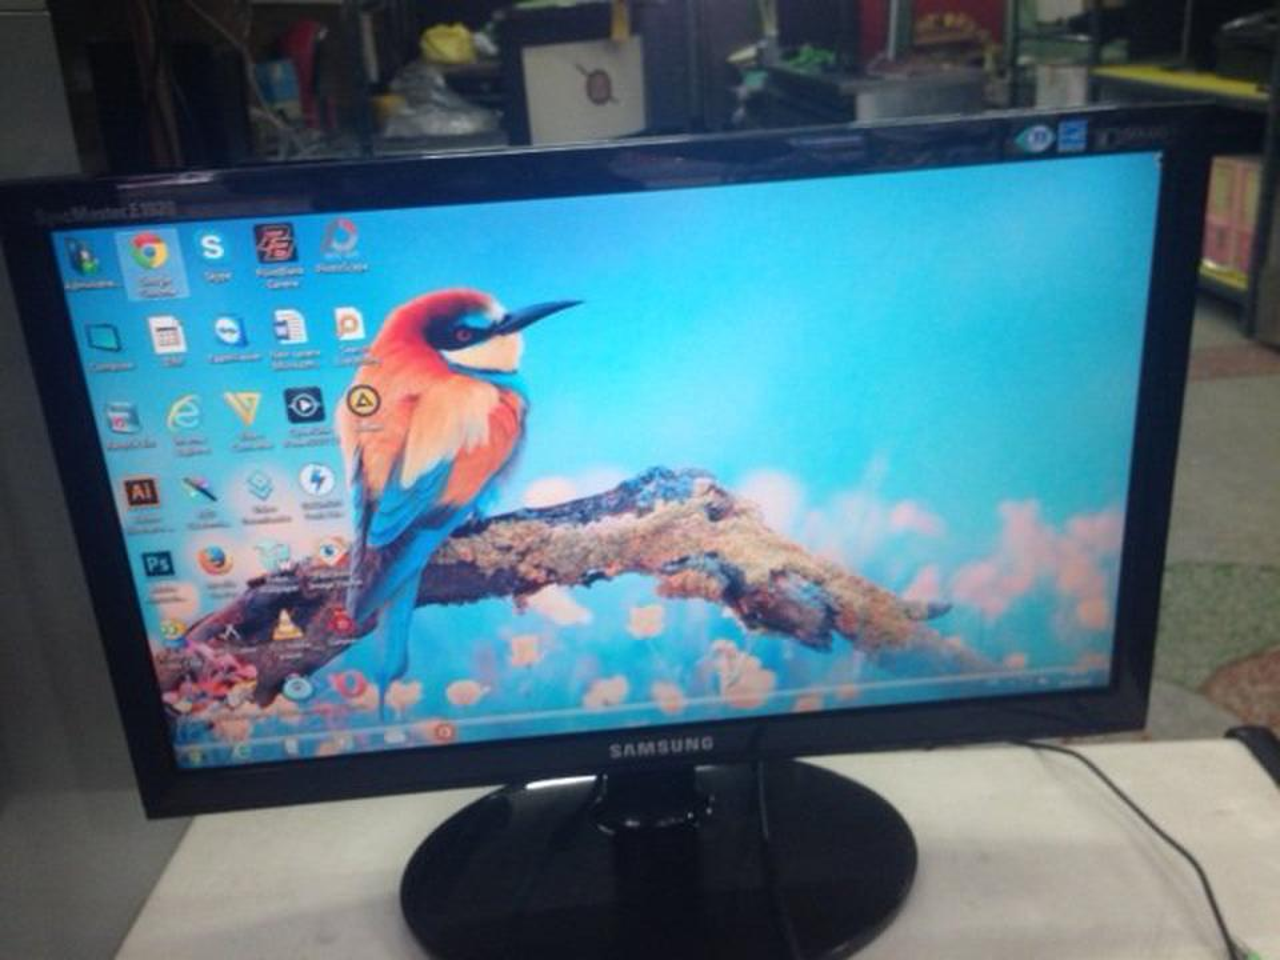 จอ SAMSUNG LCD 19 นิ้ว รูปที่ 1